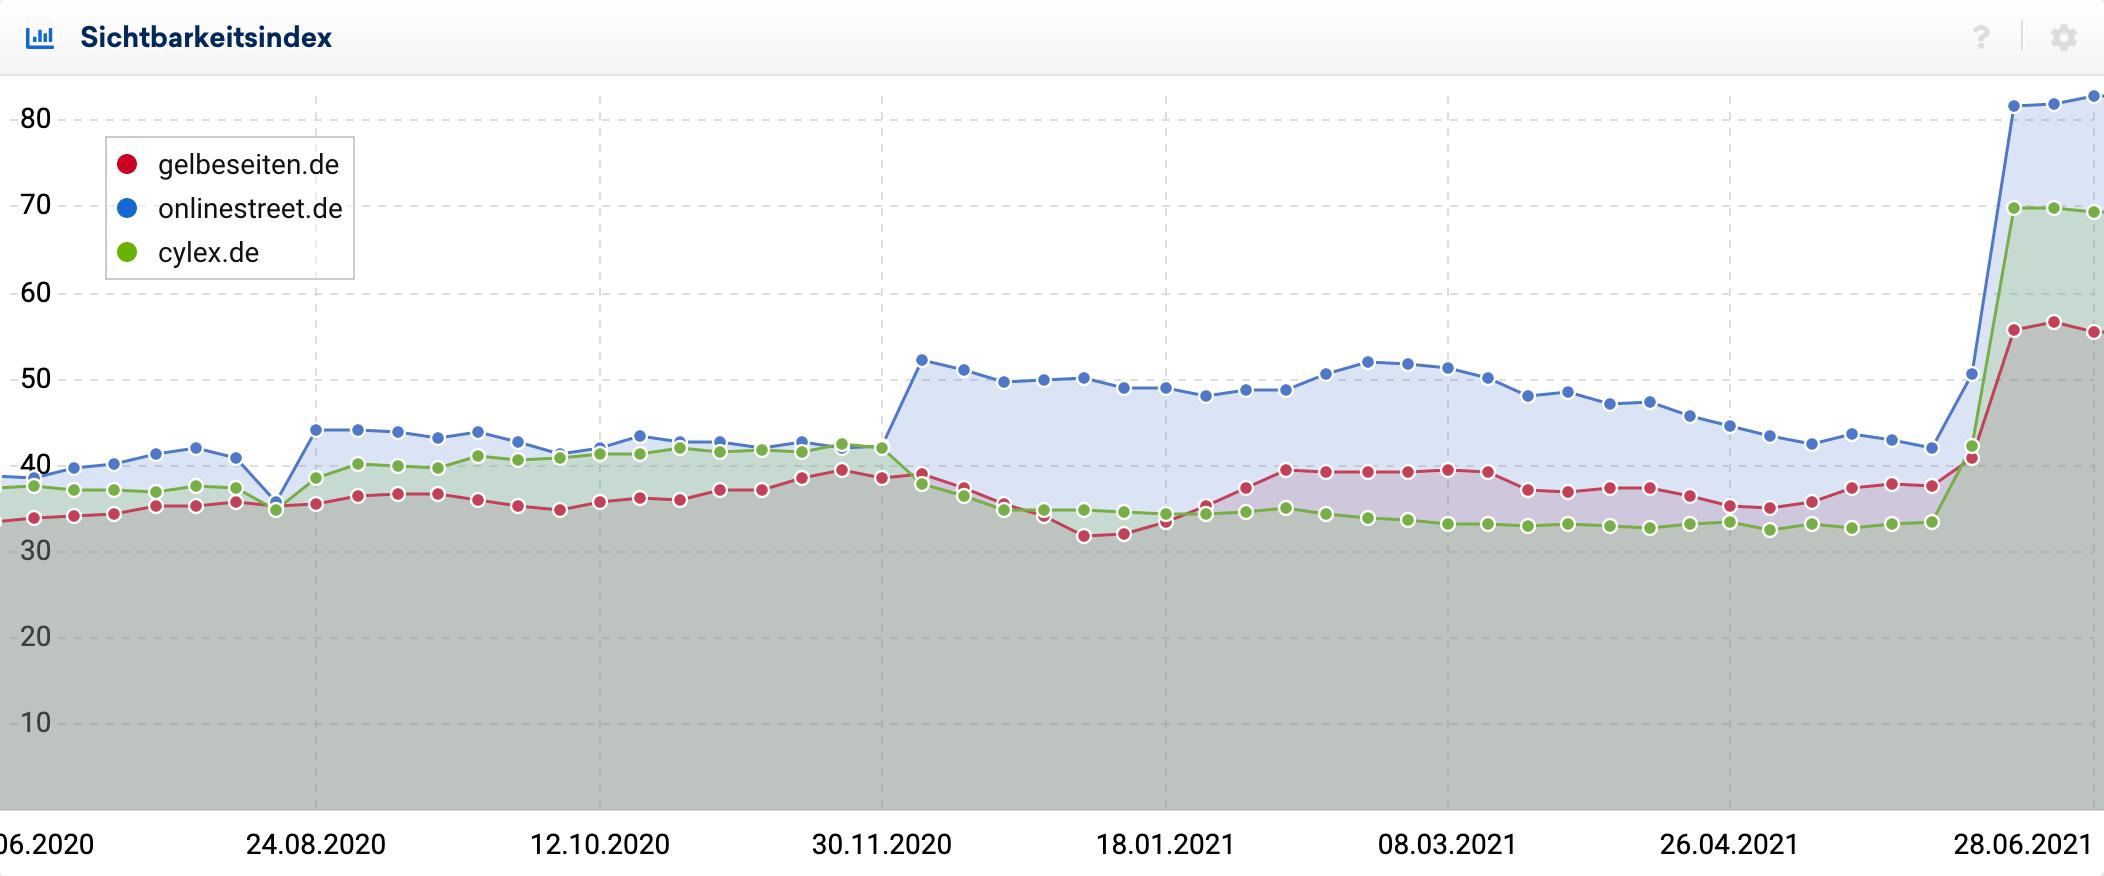 Branchenbücher onlinestreet.de, cylex.de und gelbeseiten.de